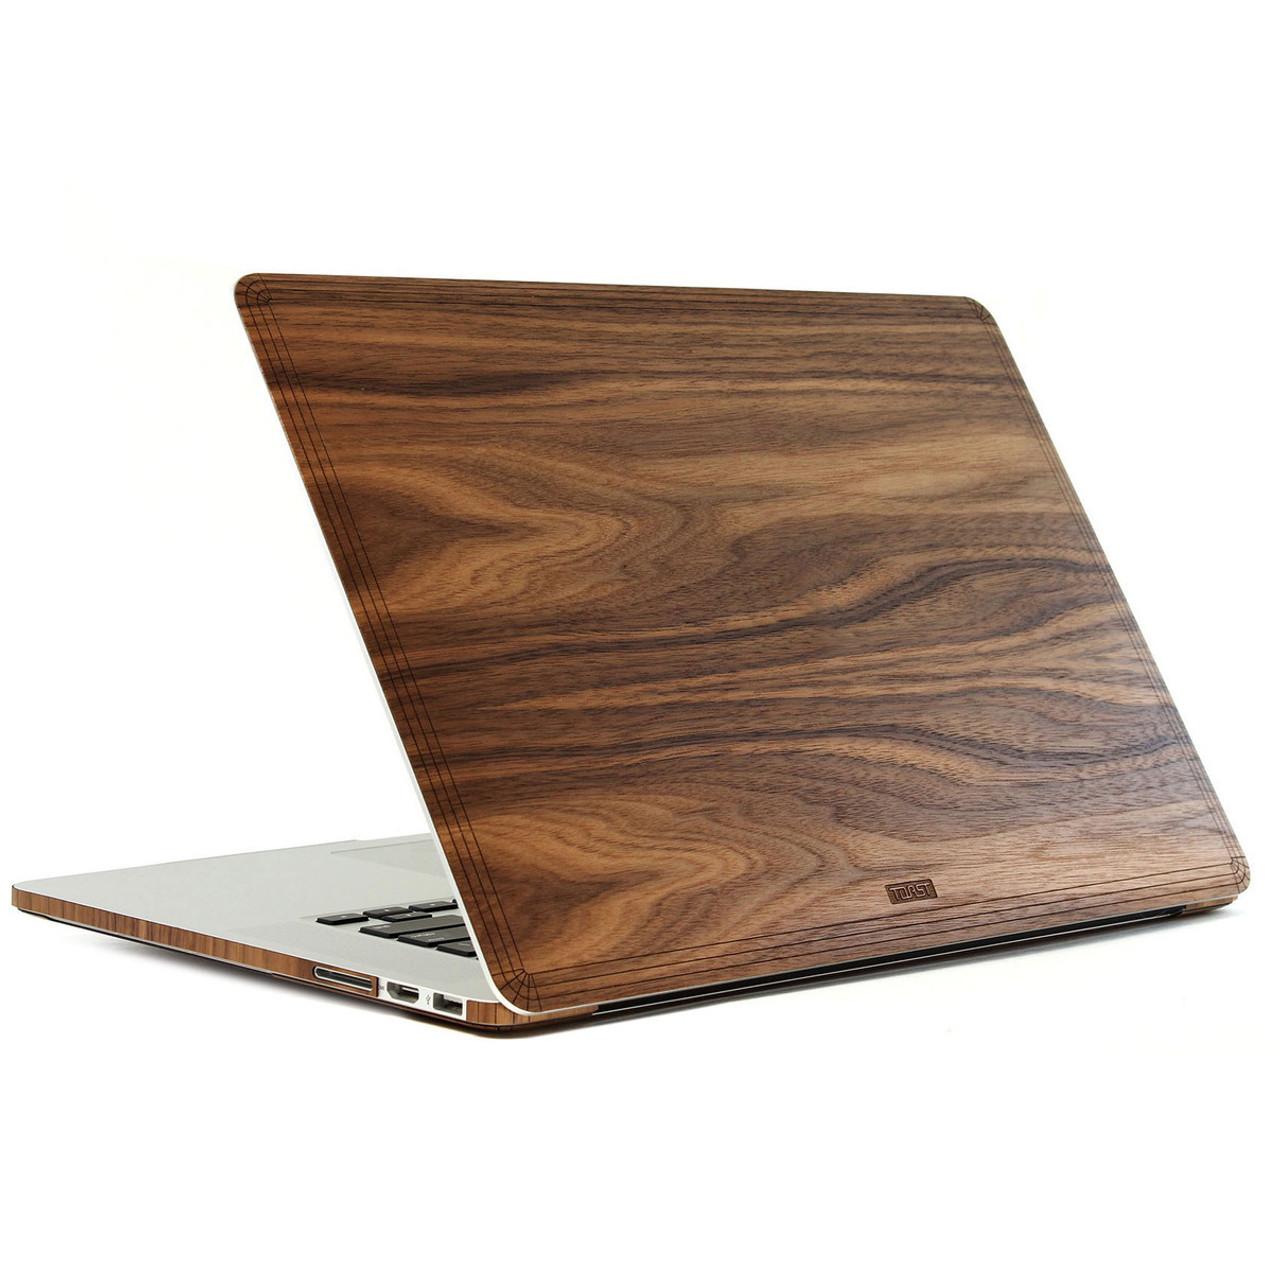 Wooden Design Macbook Pro 16 Case Wood Macbook Air 13 Inch Case 2019 Nature Macbook Pro 13 Inch Case Tree Macbook Pro 15 Inch Case RP0185